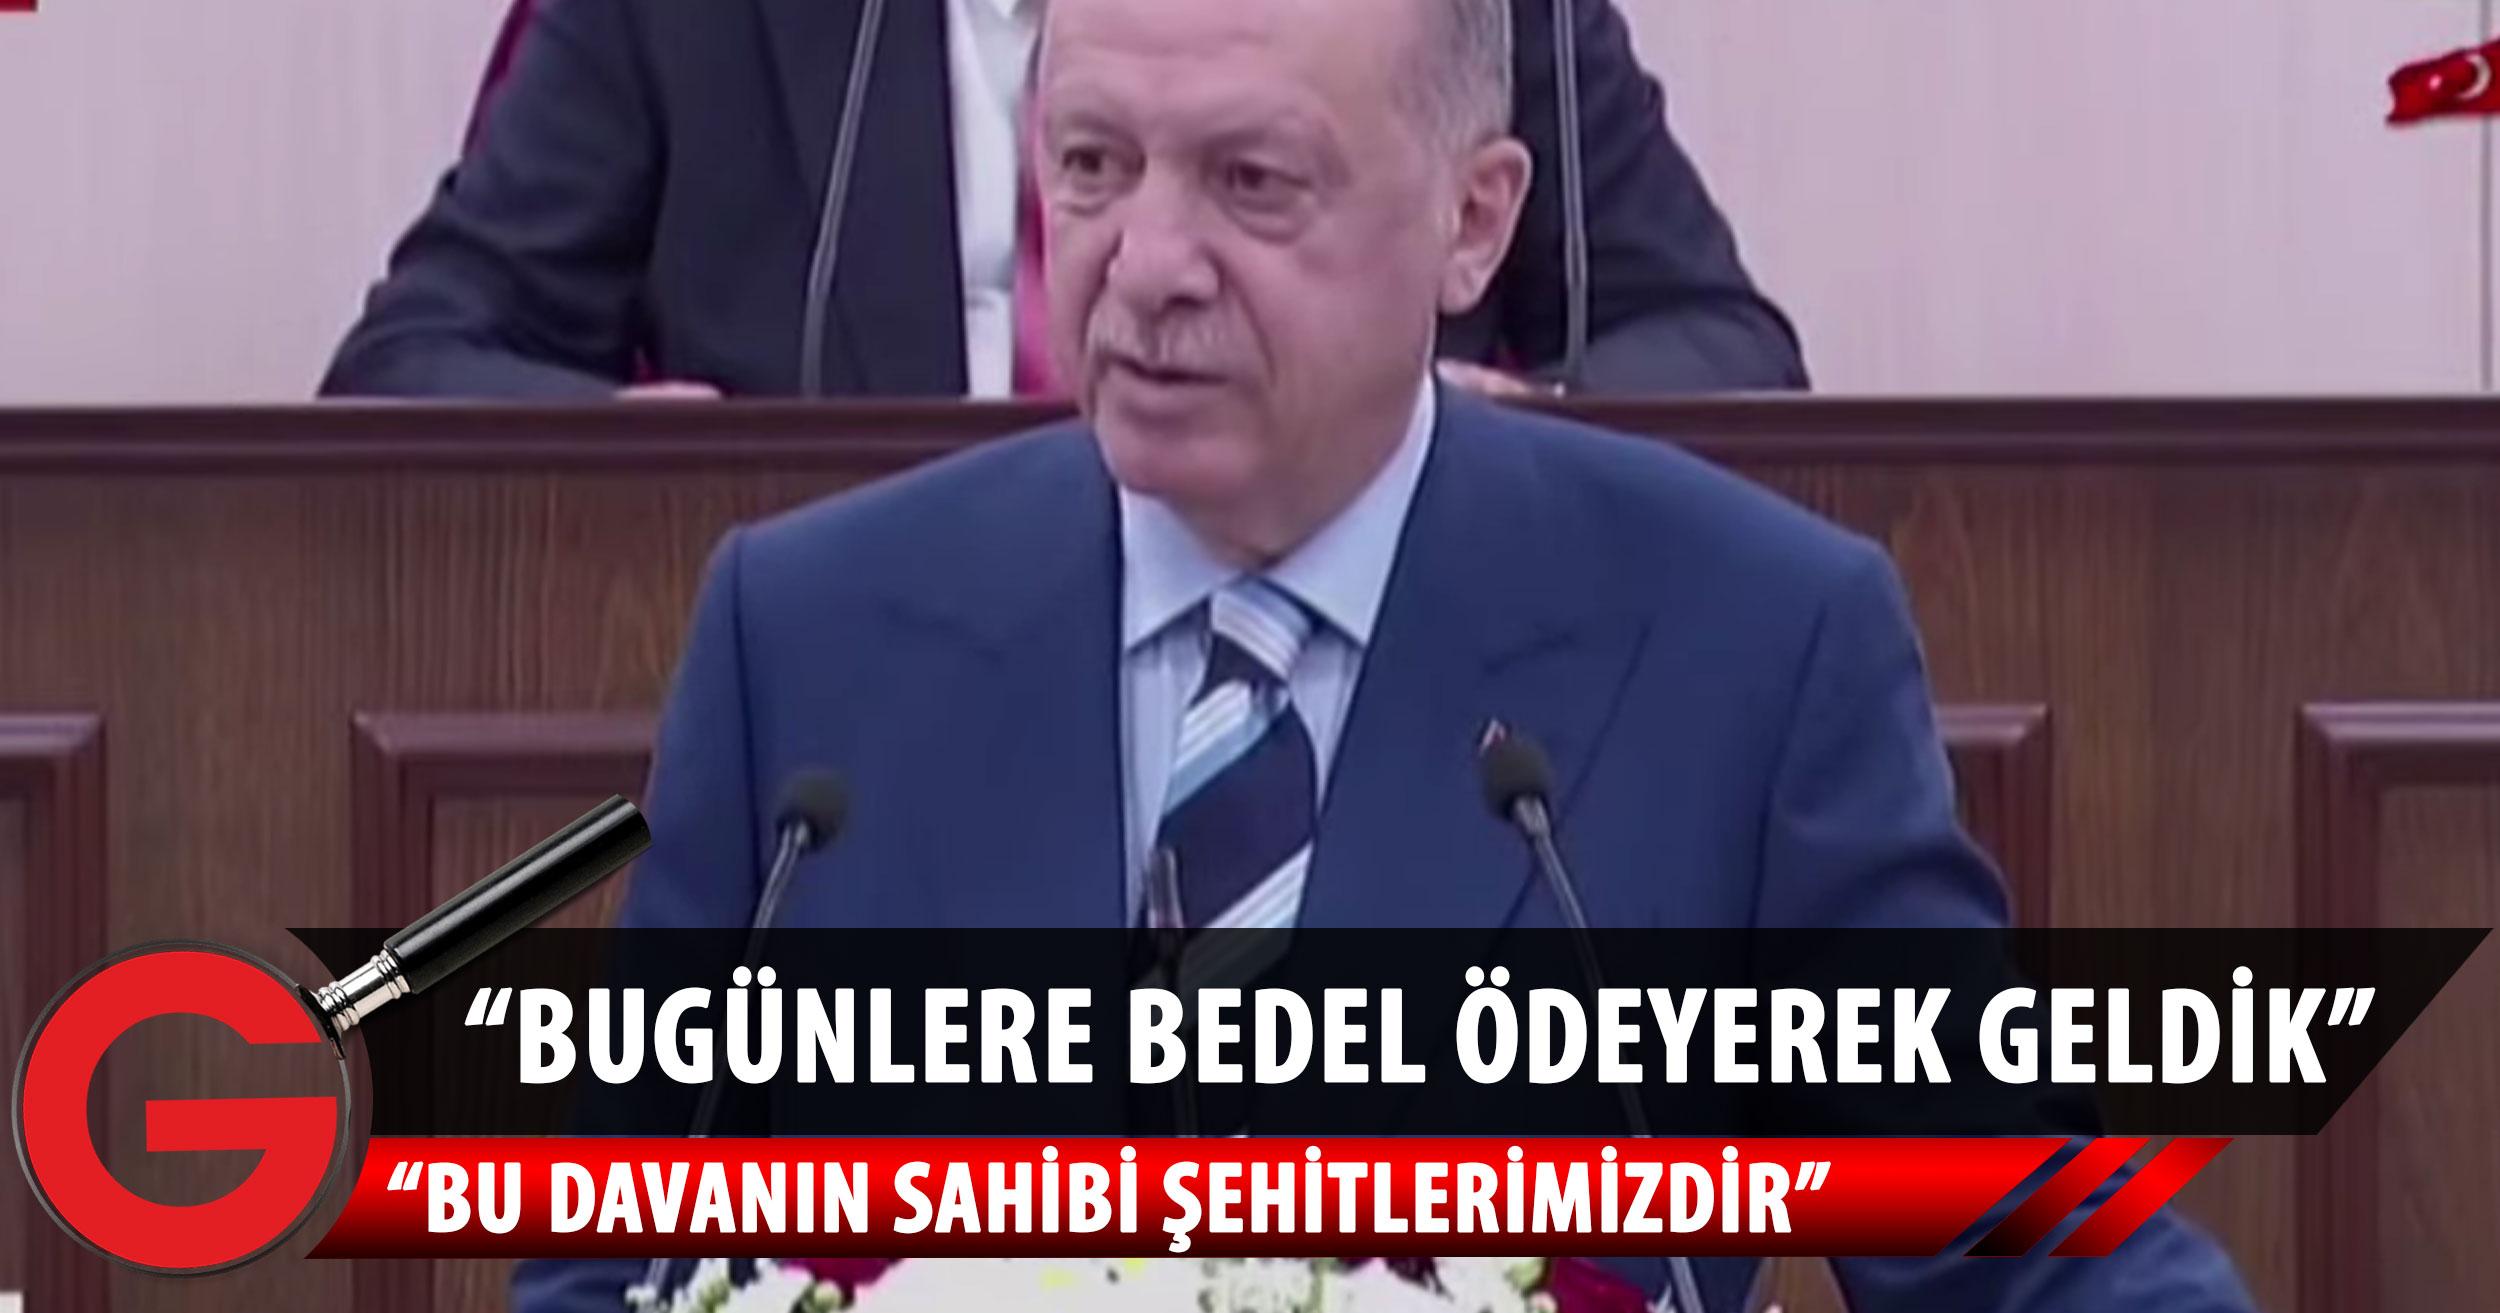 Erdoğan Cumhuriyet Meclisinde konuşma yapıyor